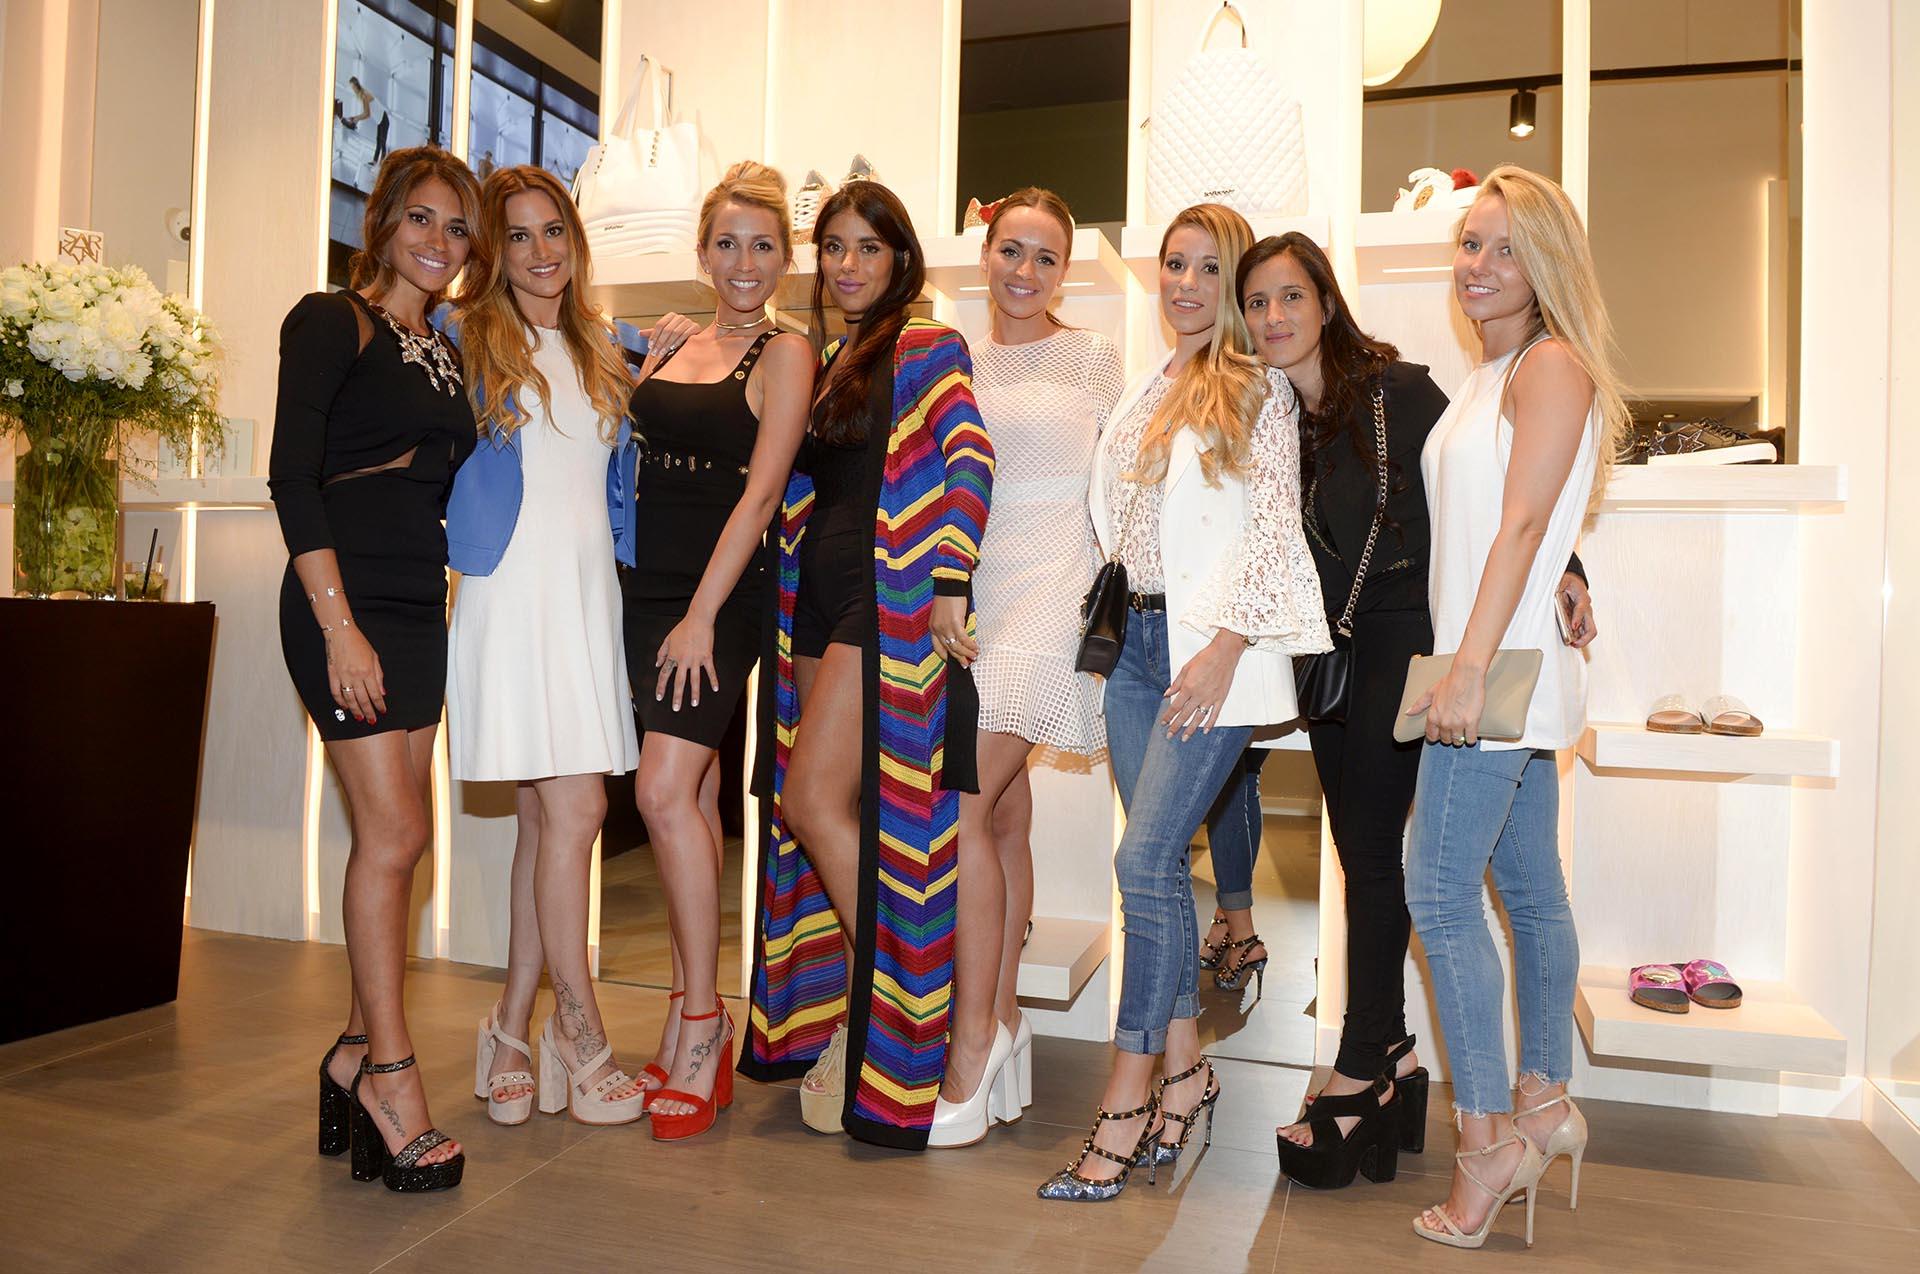 Antonella Rocuzzo, Elena Galera, Sofia Balbi, Daniella Semaan, Romarey Ventura, Raquel Mauri, Fernanda Mascherano, Daniela Jehle